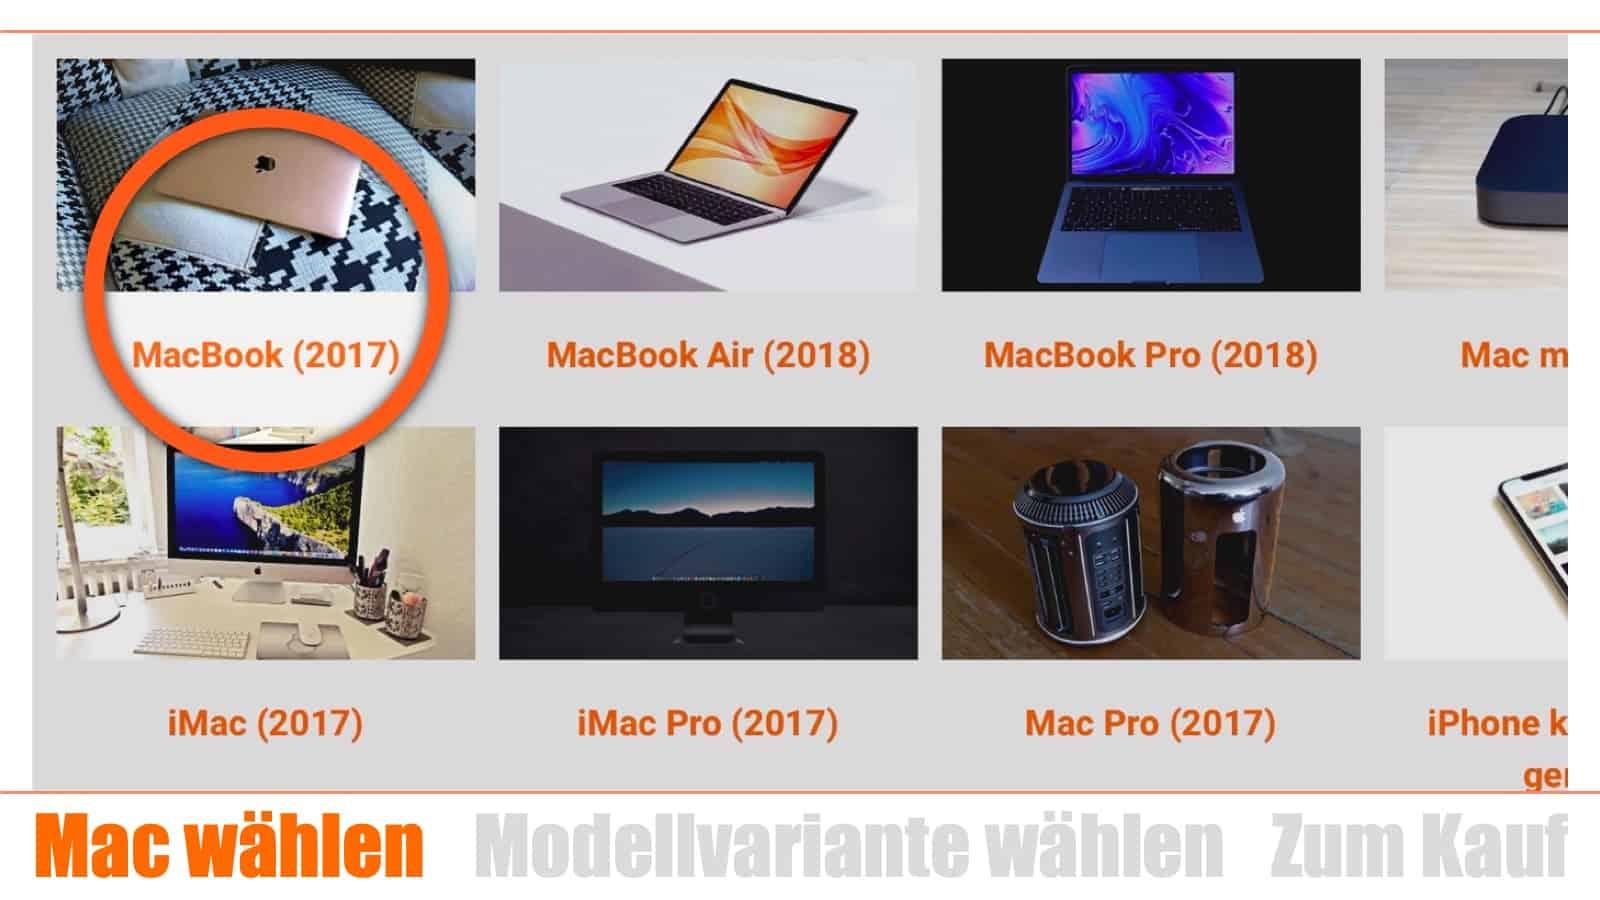 Mac kaufen Schritt 1: Mac wählen